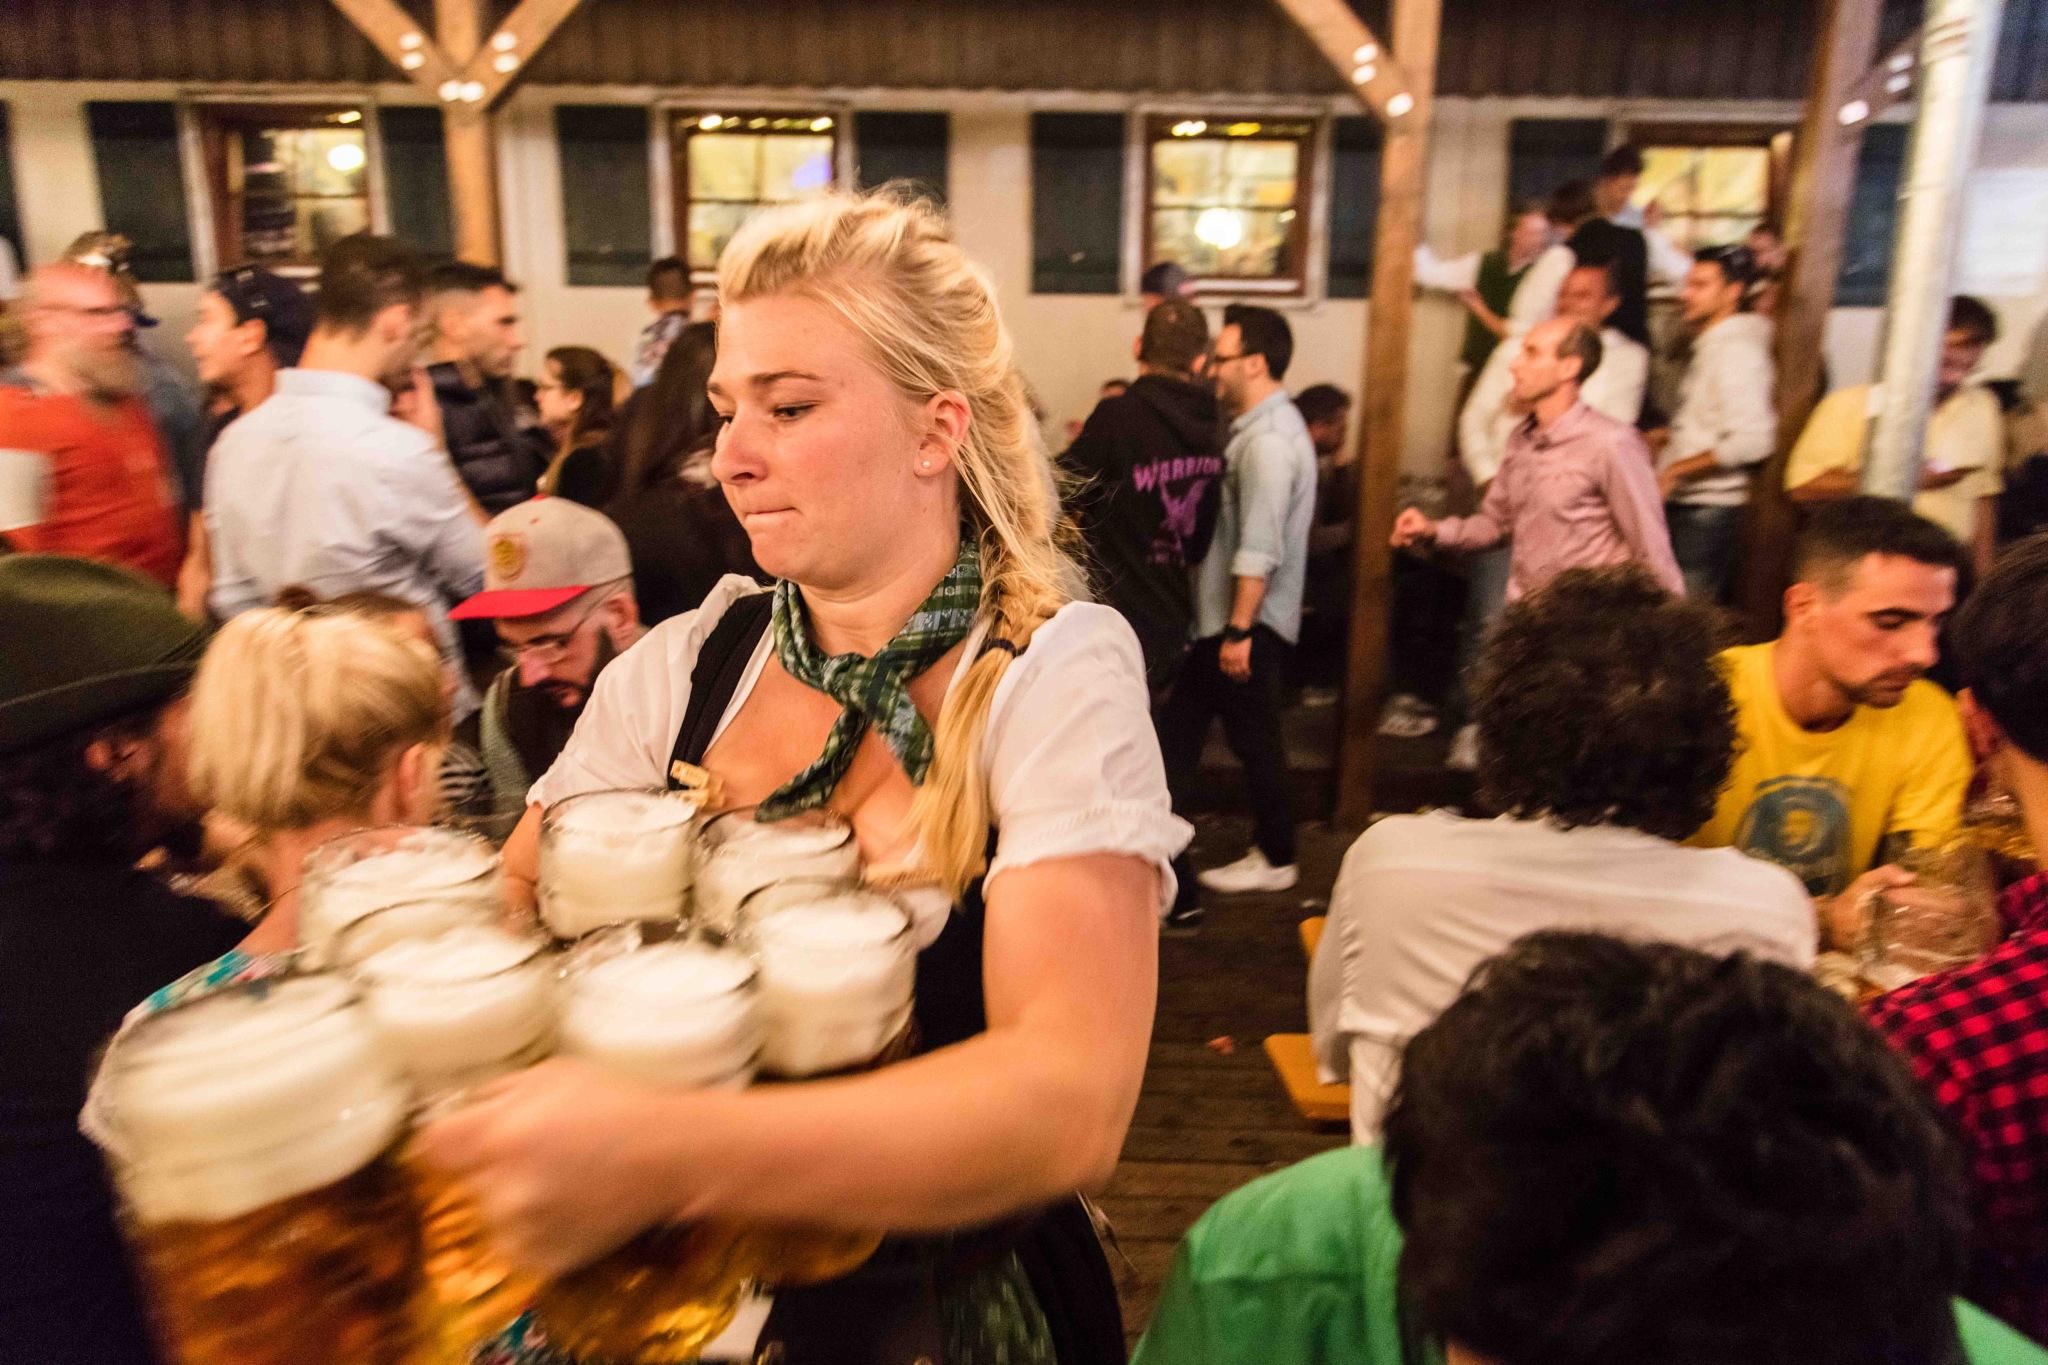 Oktoberfest by Vikas Datta